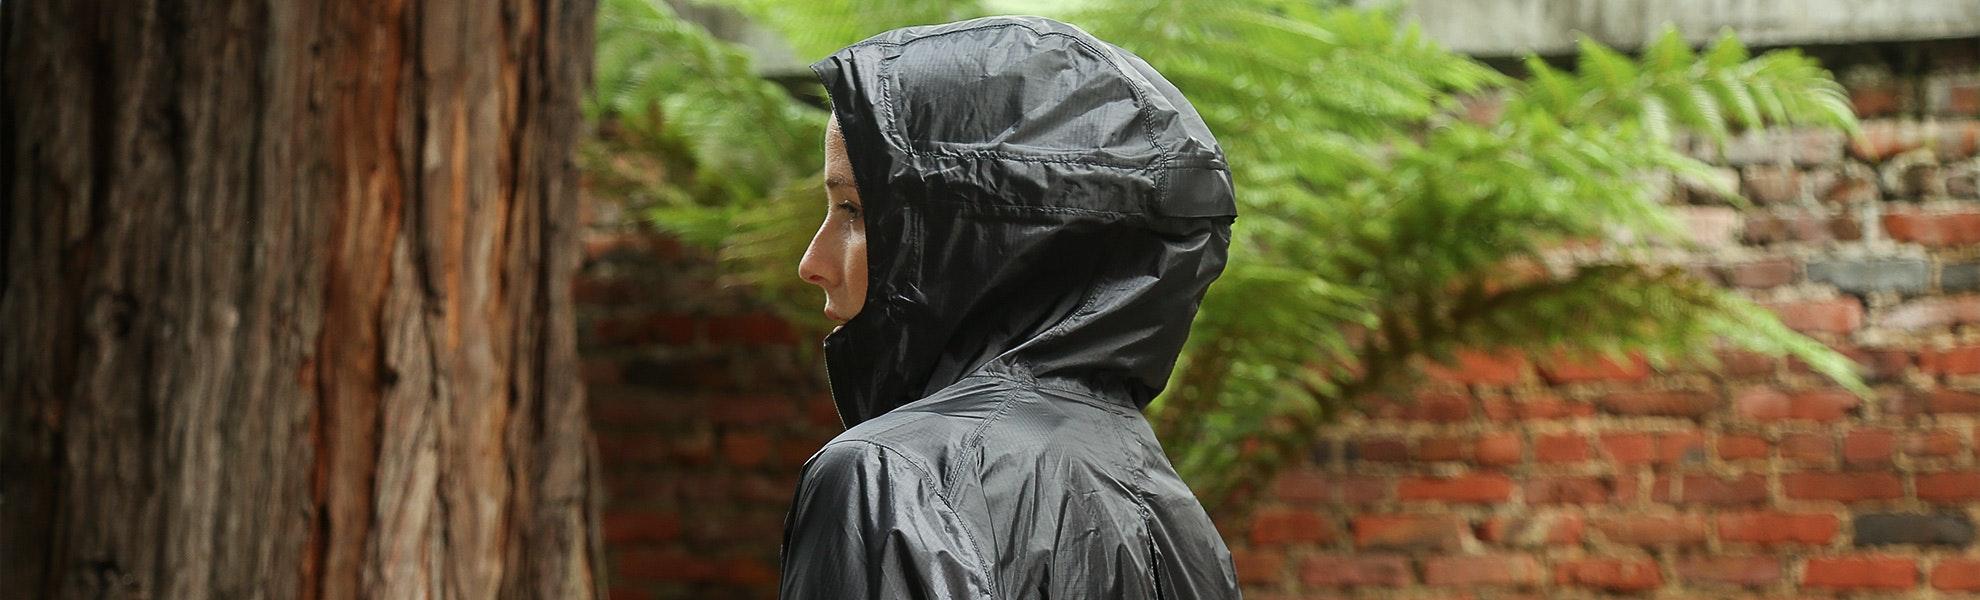 Outdoor Research Women's Helium Traveler Jacket